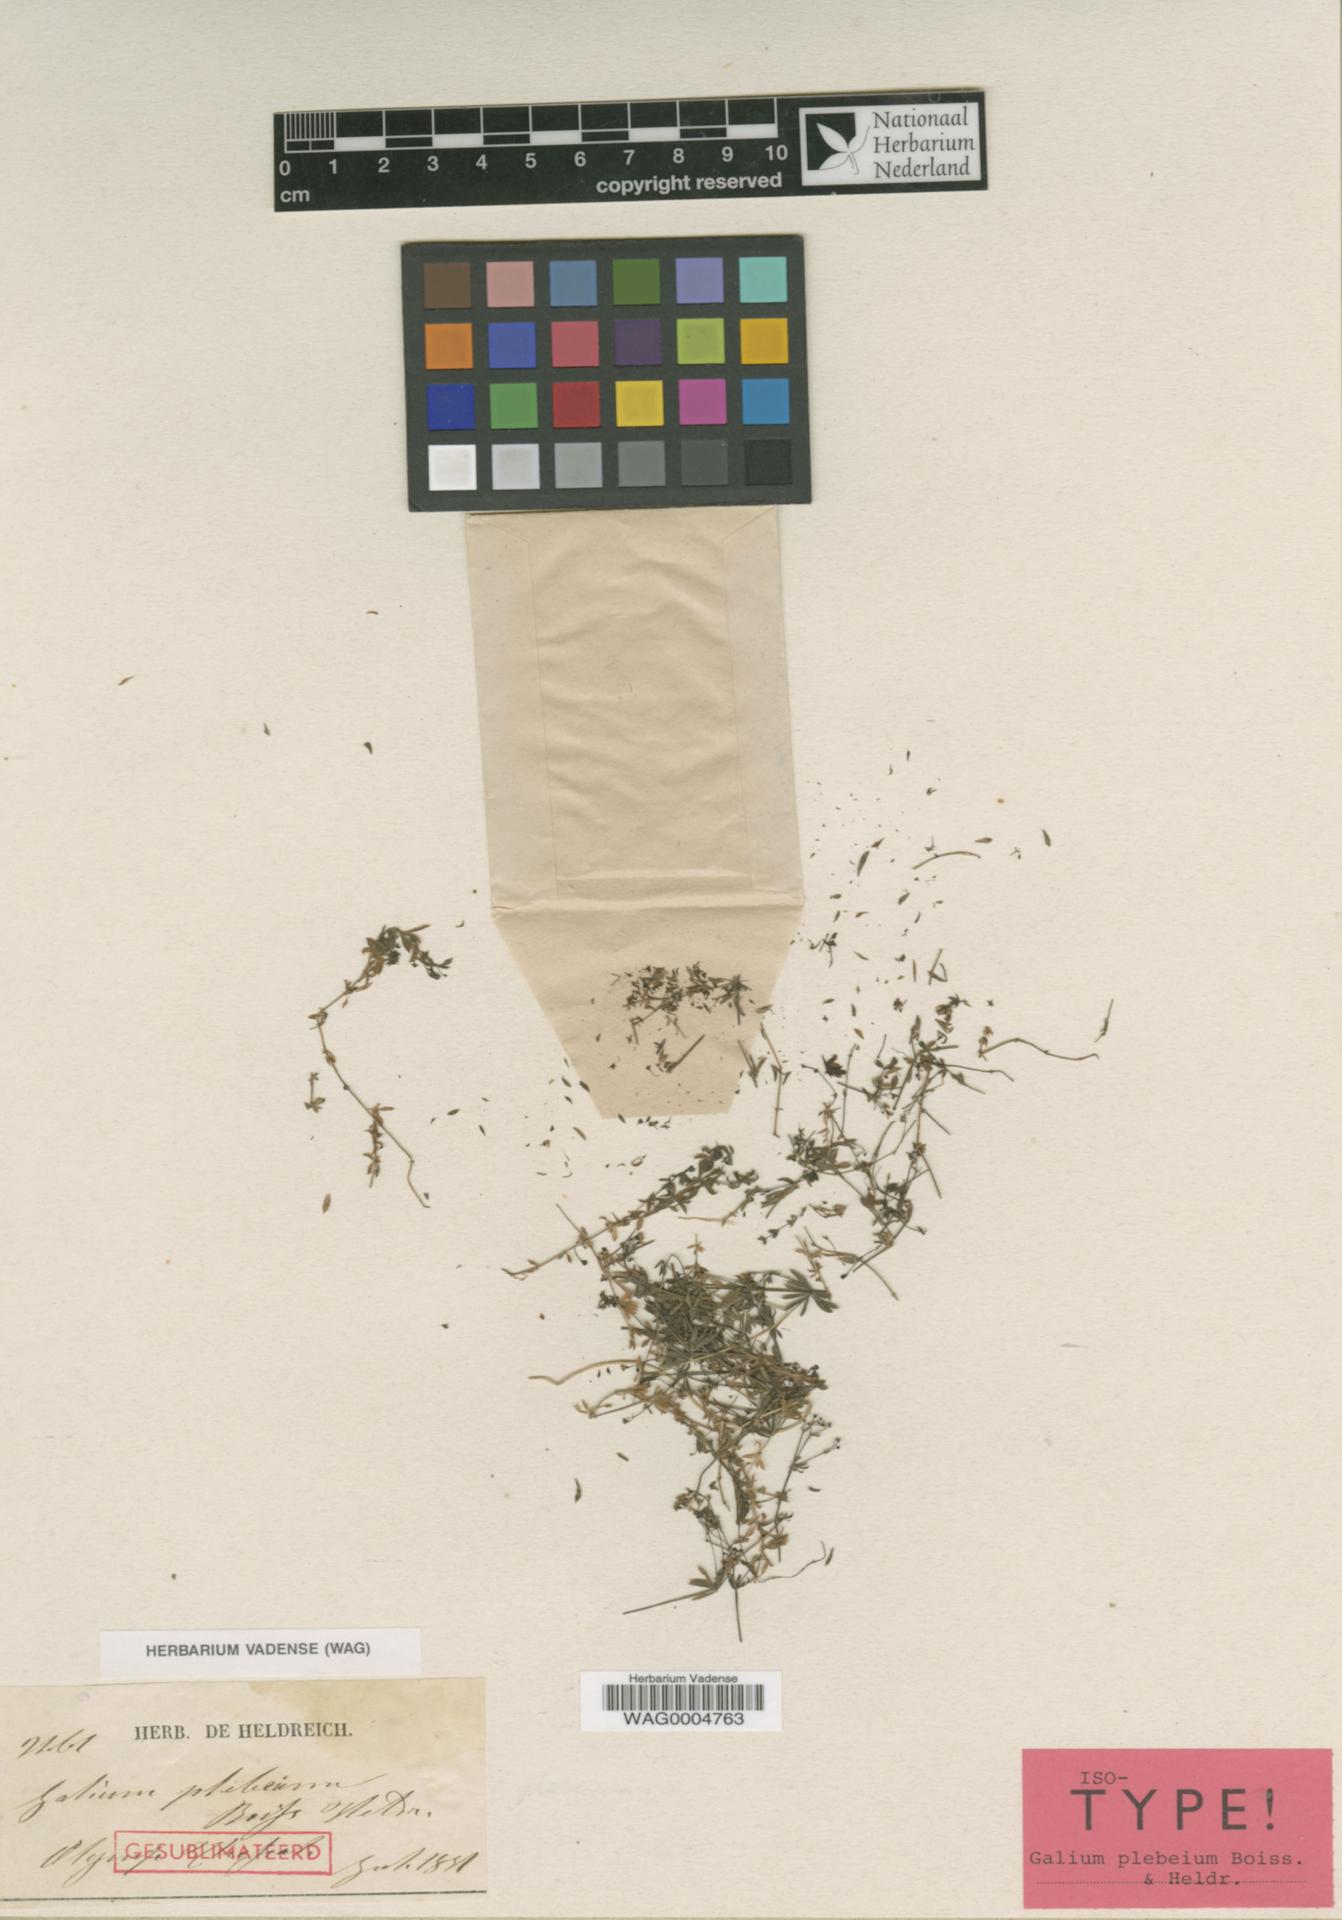 WAG0004763 | Galium plebeium Boiss. & Heldr.